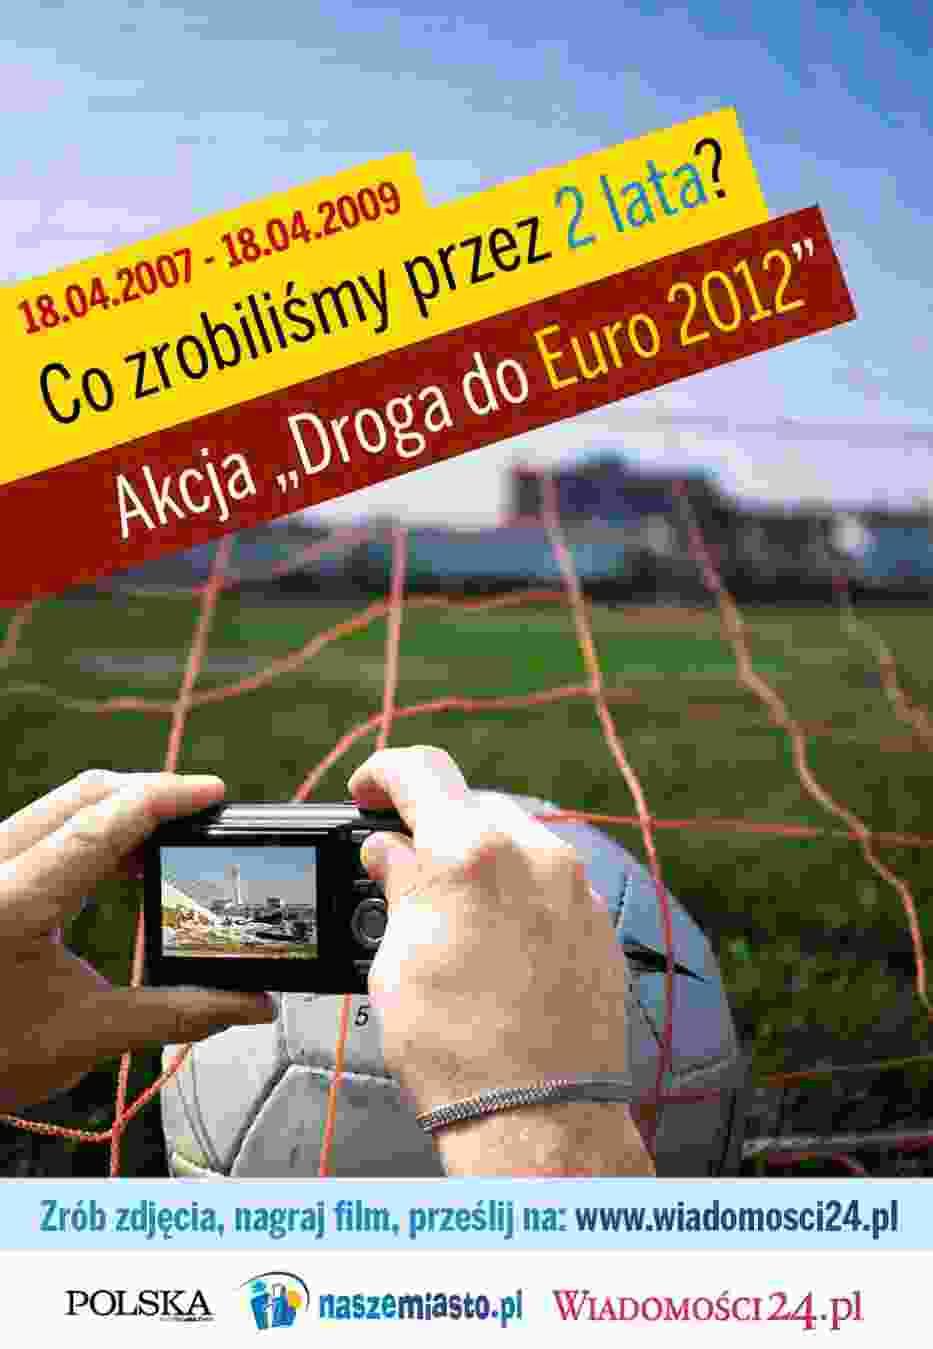 Droga do Euro 2012